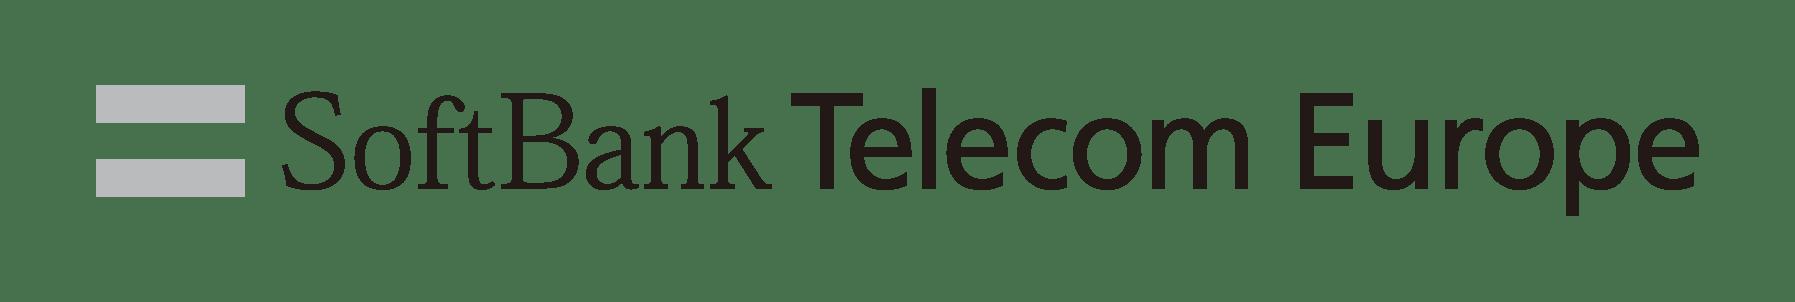 SoftBank Telecom Europe